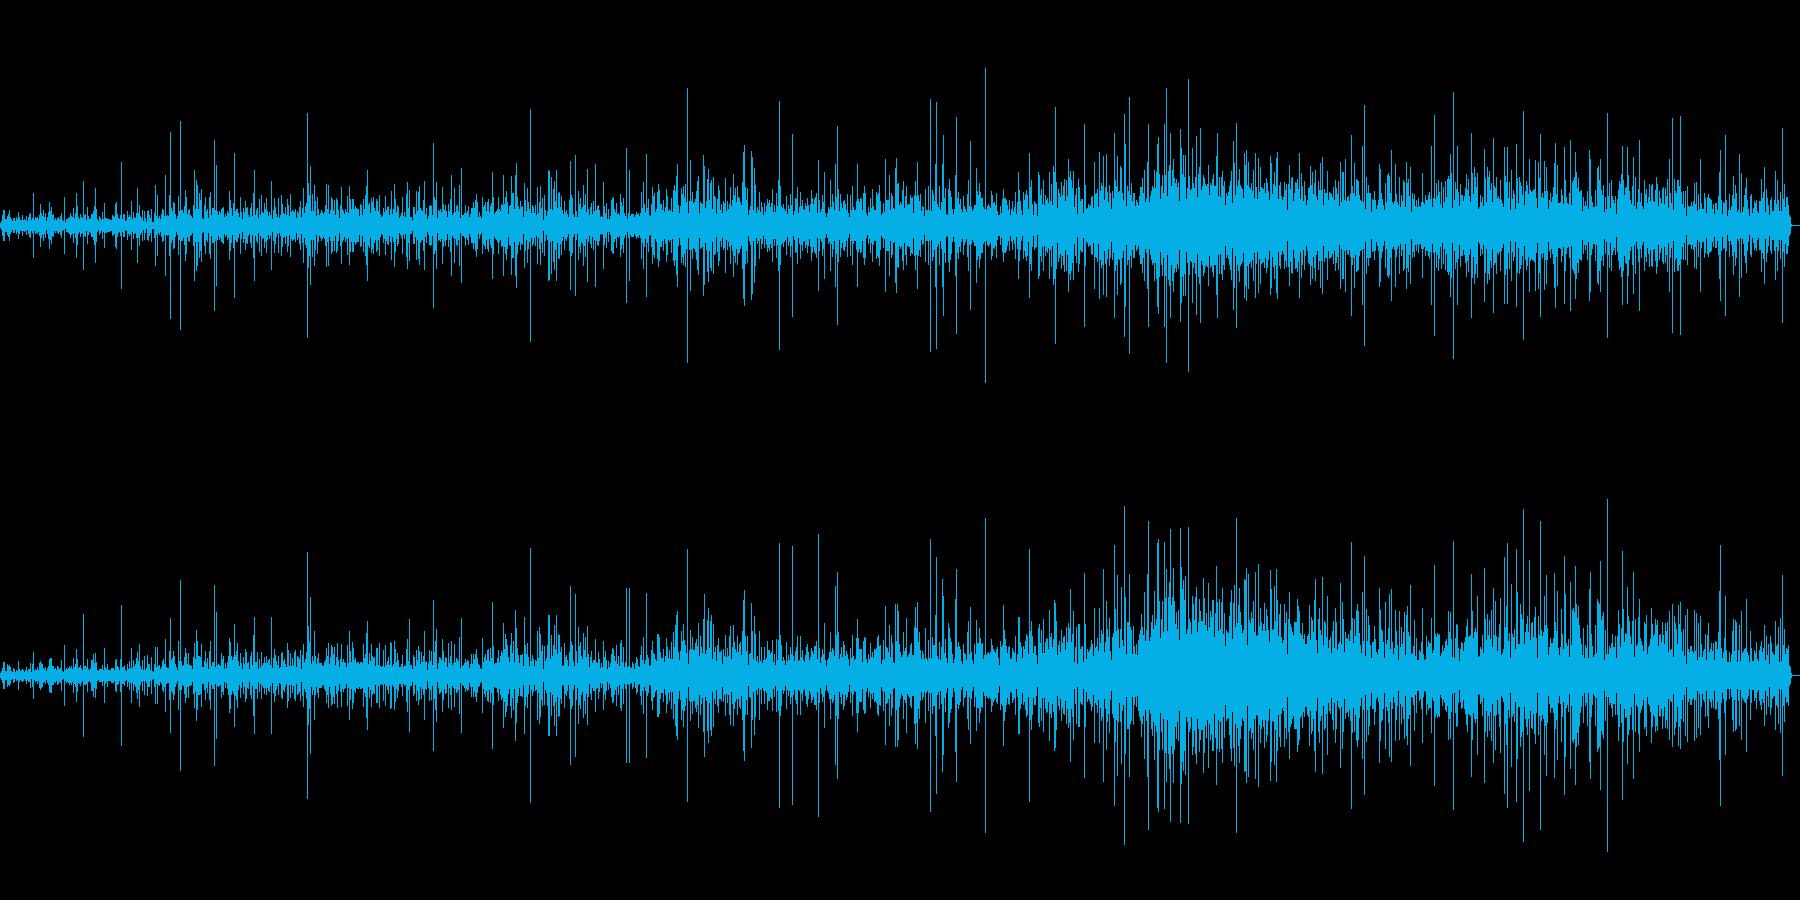 ハンバーグを弱火で焼いているときの音の再生済みの波形